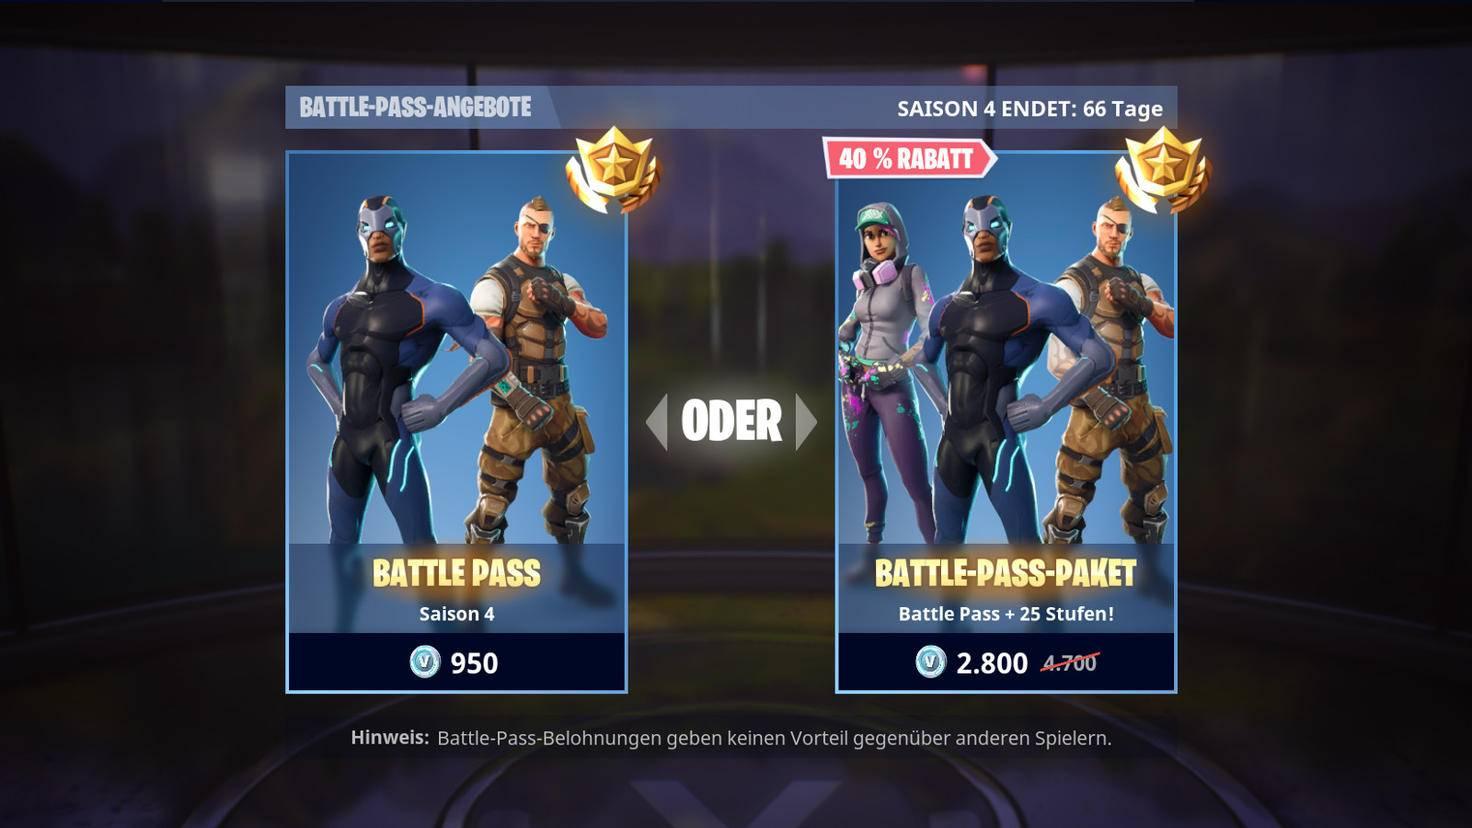 Den Battle Pass bekommst Du entweder als Standard-Edition oder als rabattiertes Paket mit bereits freigeschalteten Stufen.